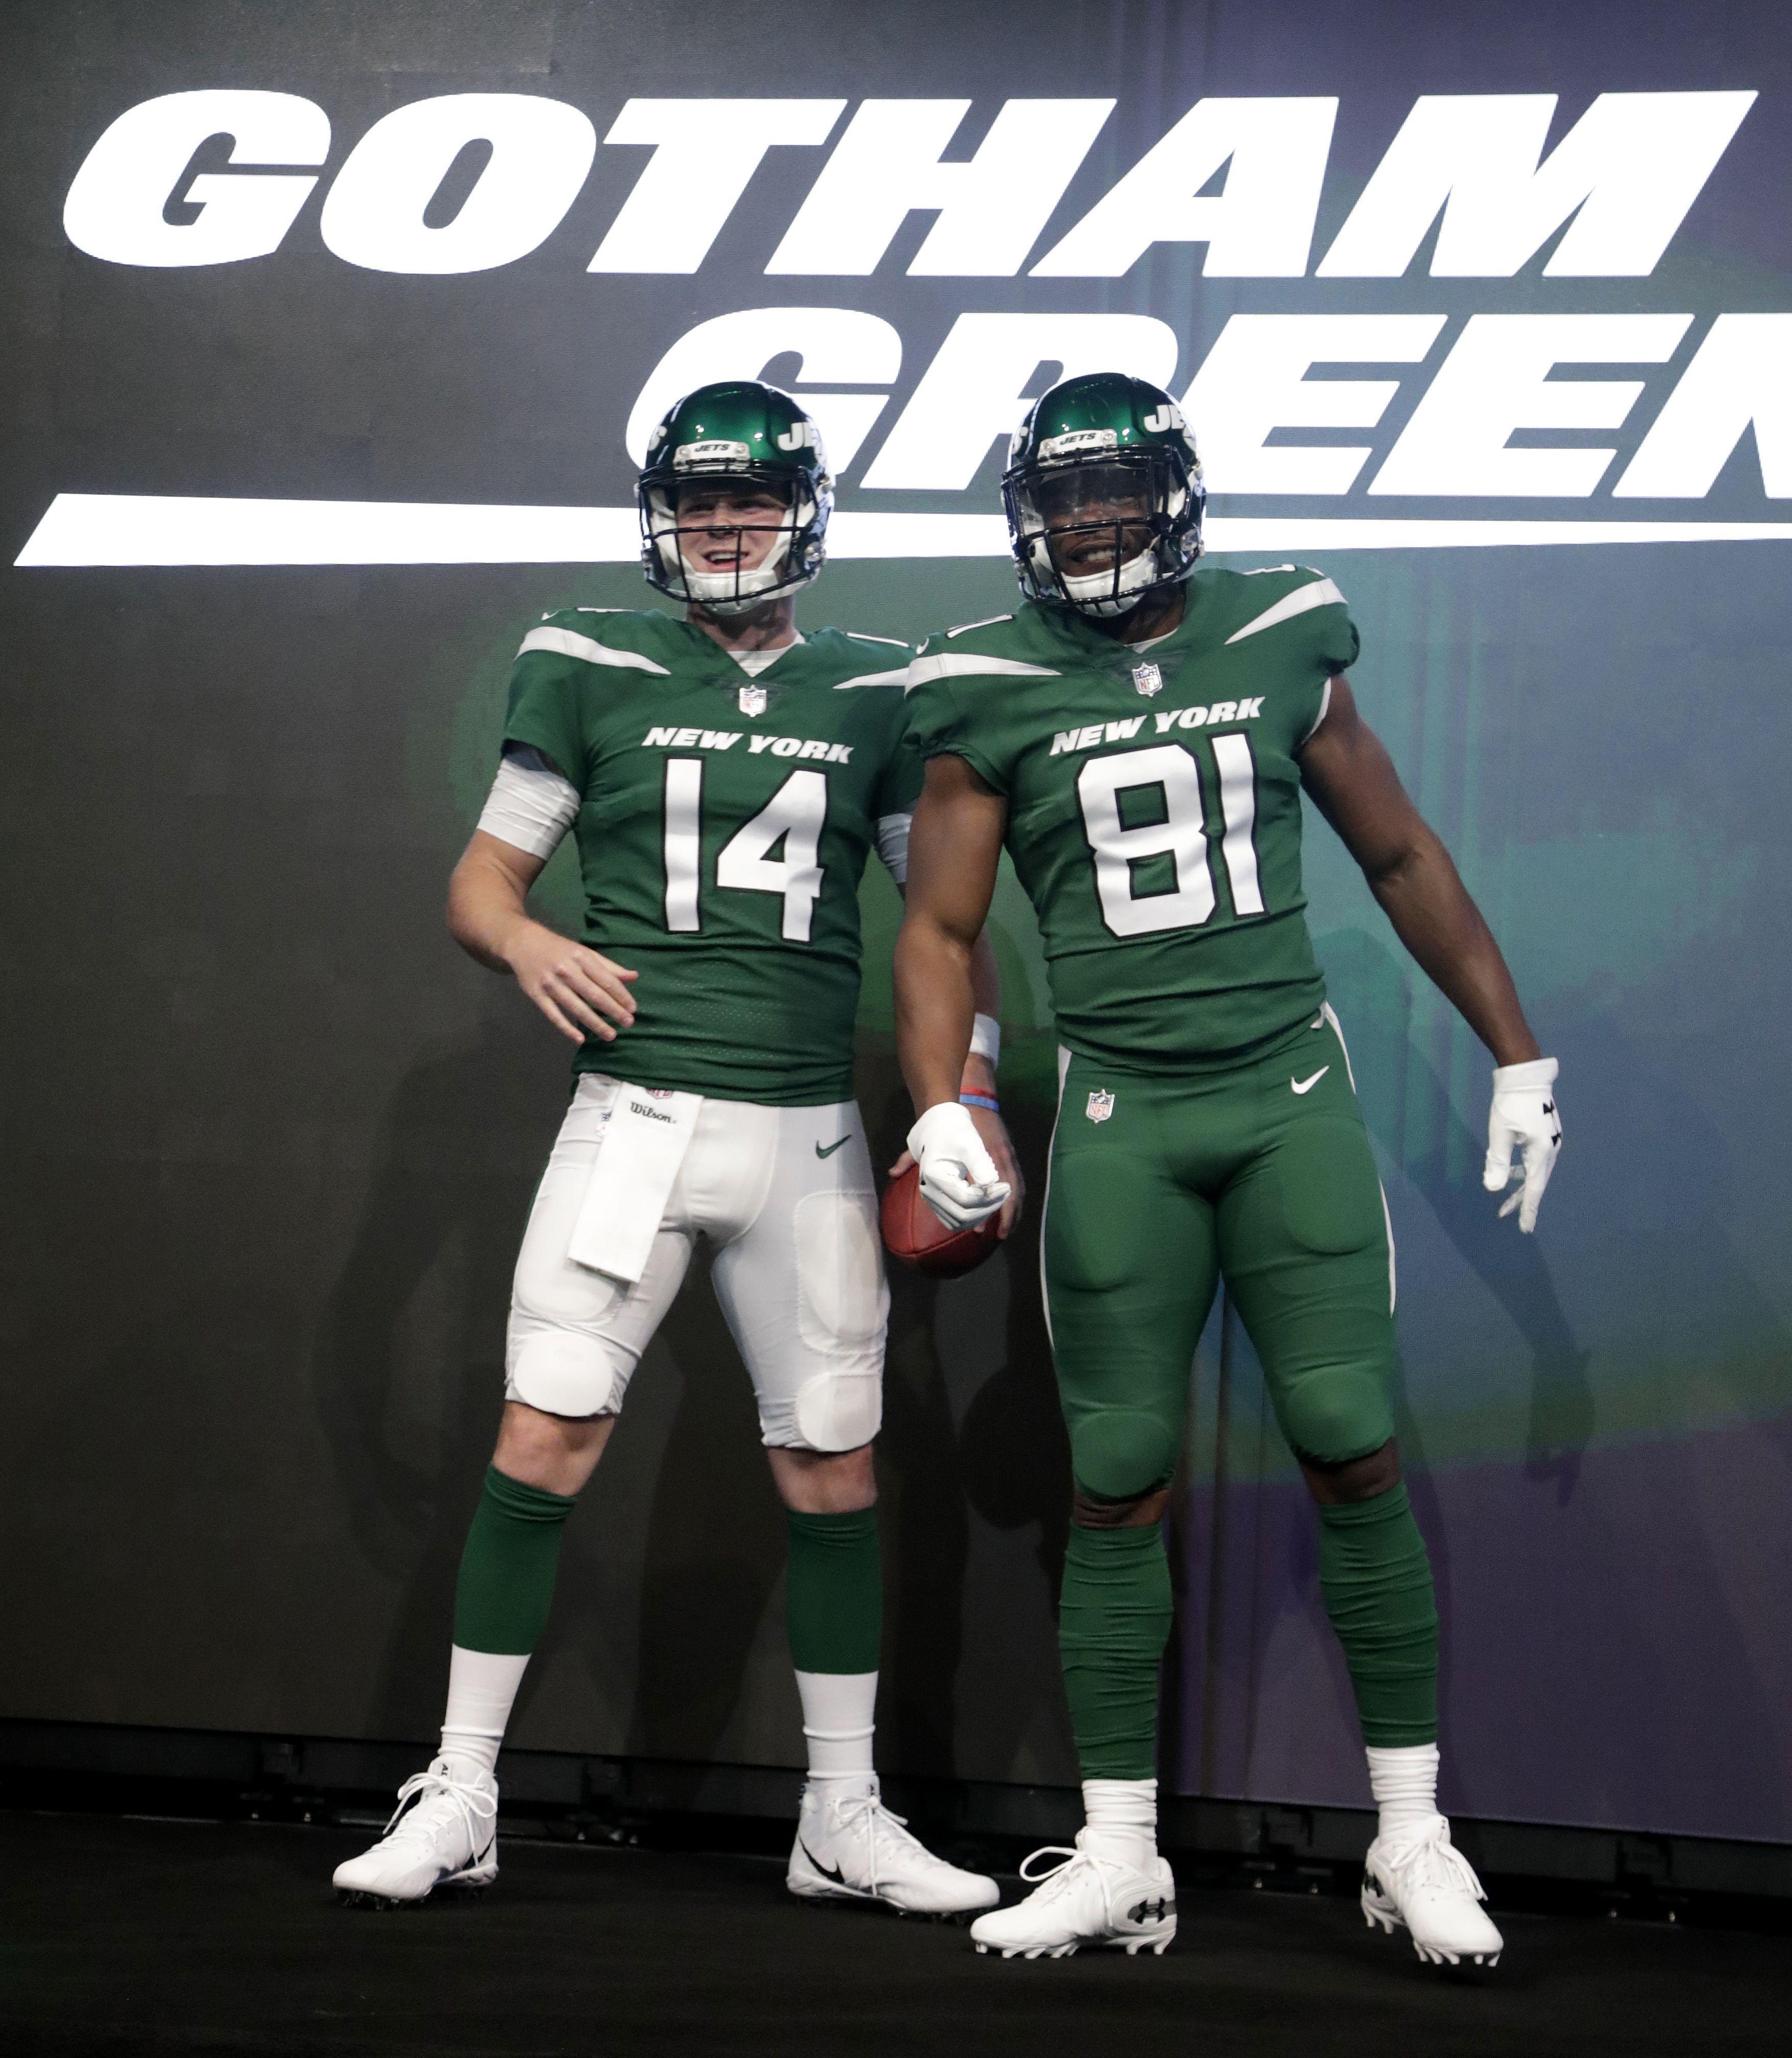 New York Jets unveil new uniforms, logo, colors (photos ...